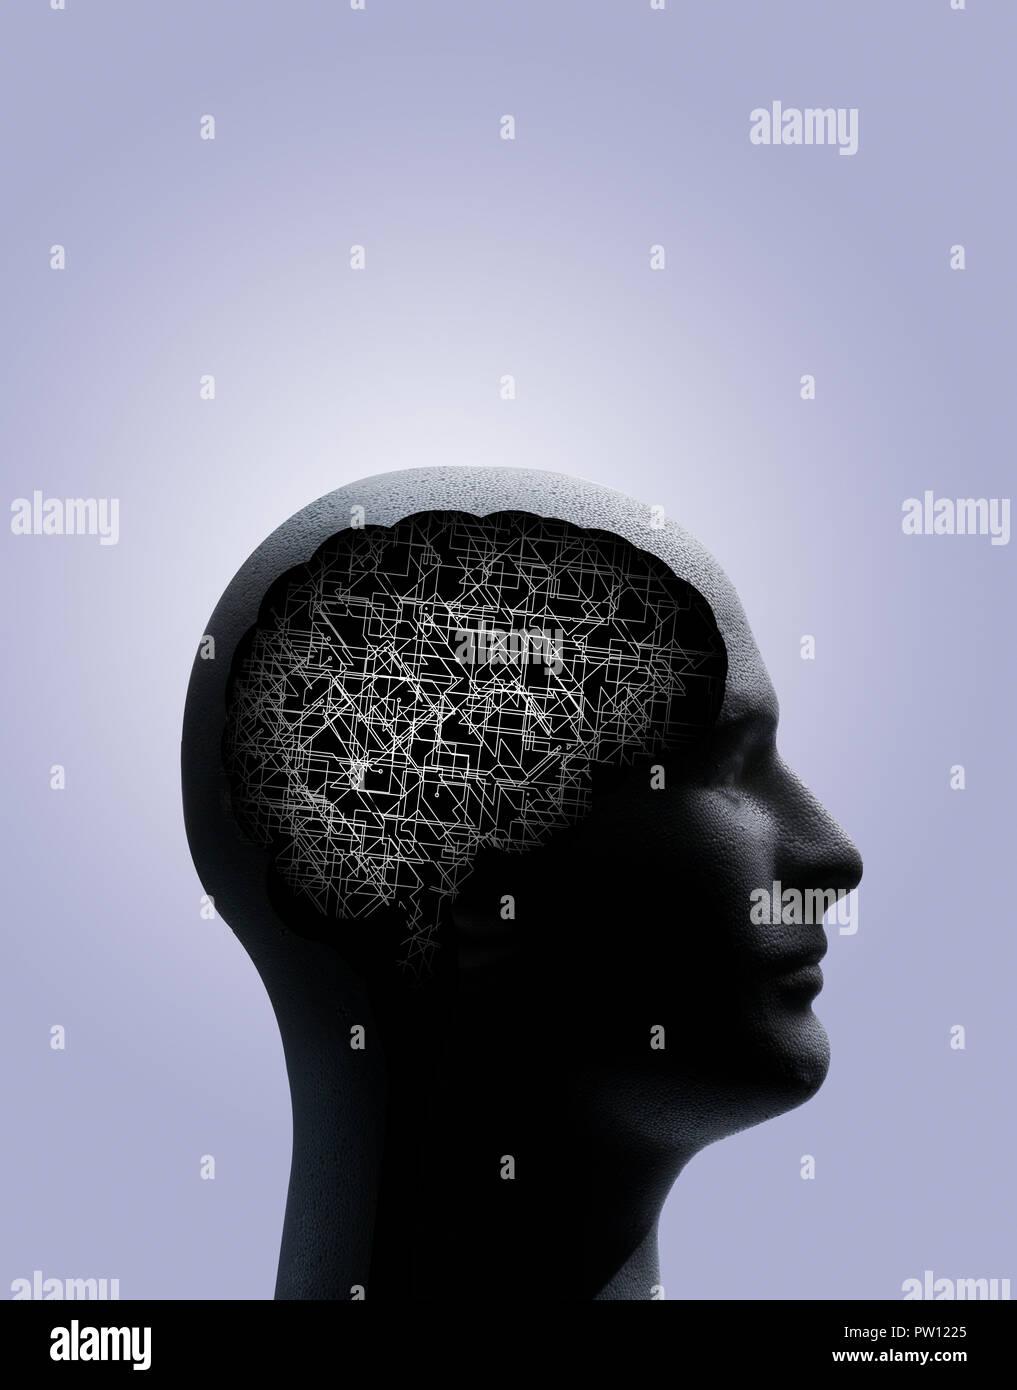 Konzept Profil eines Mannes mit Umrisse von Gehirn und Stammzellen, die eine komplexe Struktur, Textur, Zukunftsorientierte, Ideen Stockbild